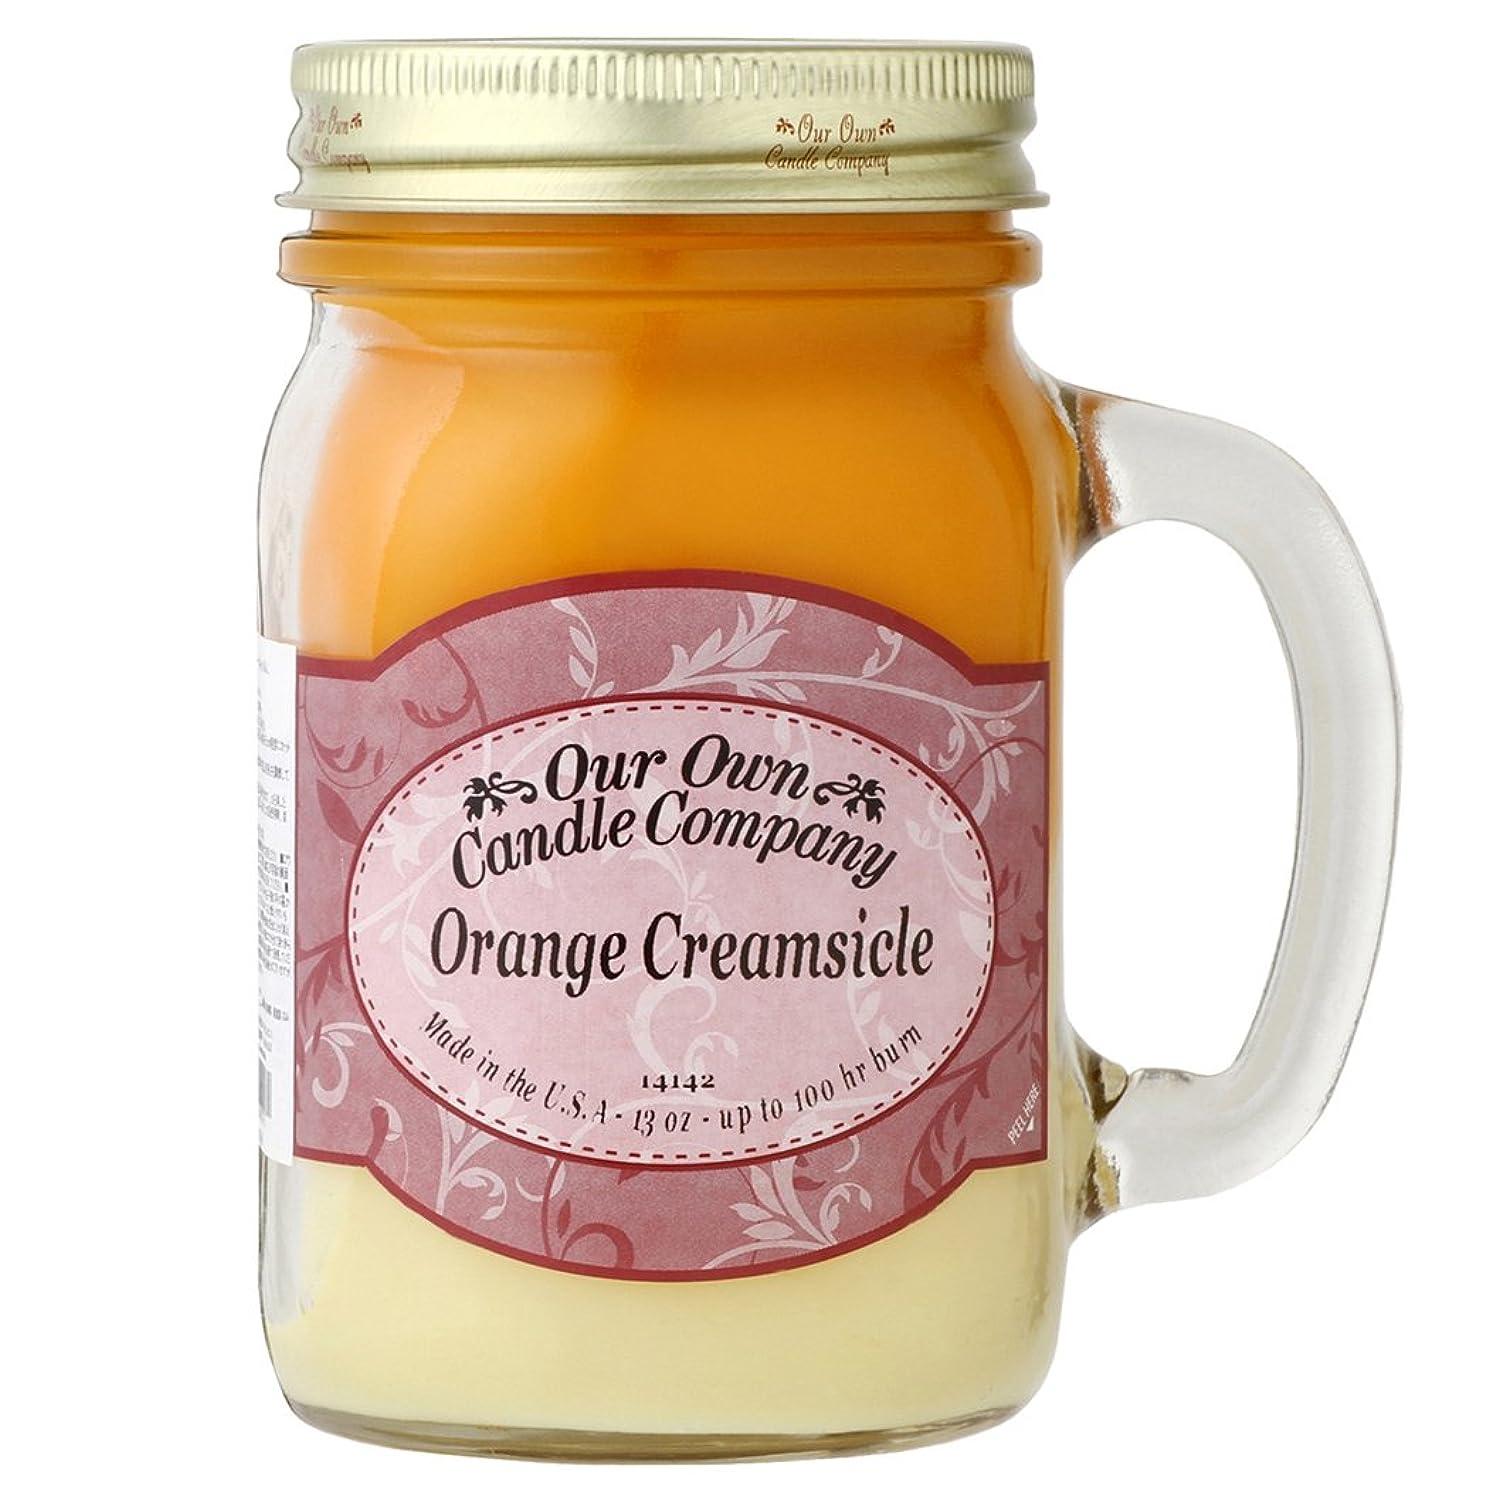 縫う操作可能モーテルOur Own Candle Company メイソンジャーキャンドル ラージサイズ オレンジクリームシルク OU100085